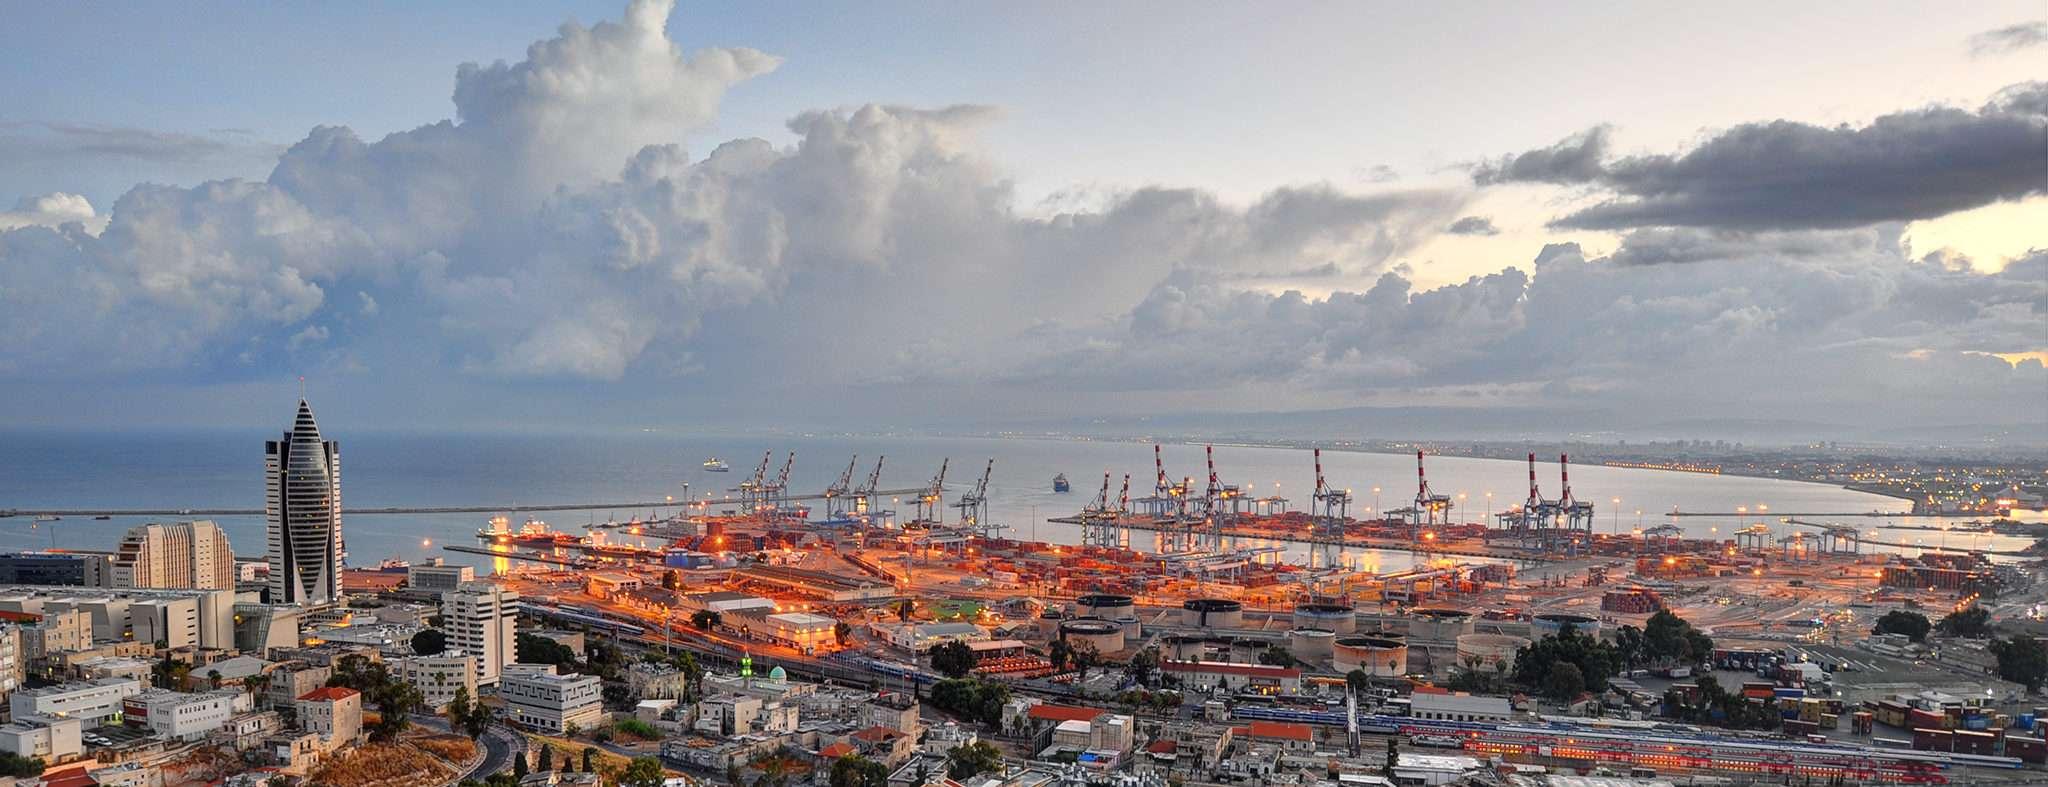 The Sail Tower and Haifa Port in Haifa, Israel. (Image Credit: tsaiproject/Flickr)